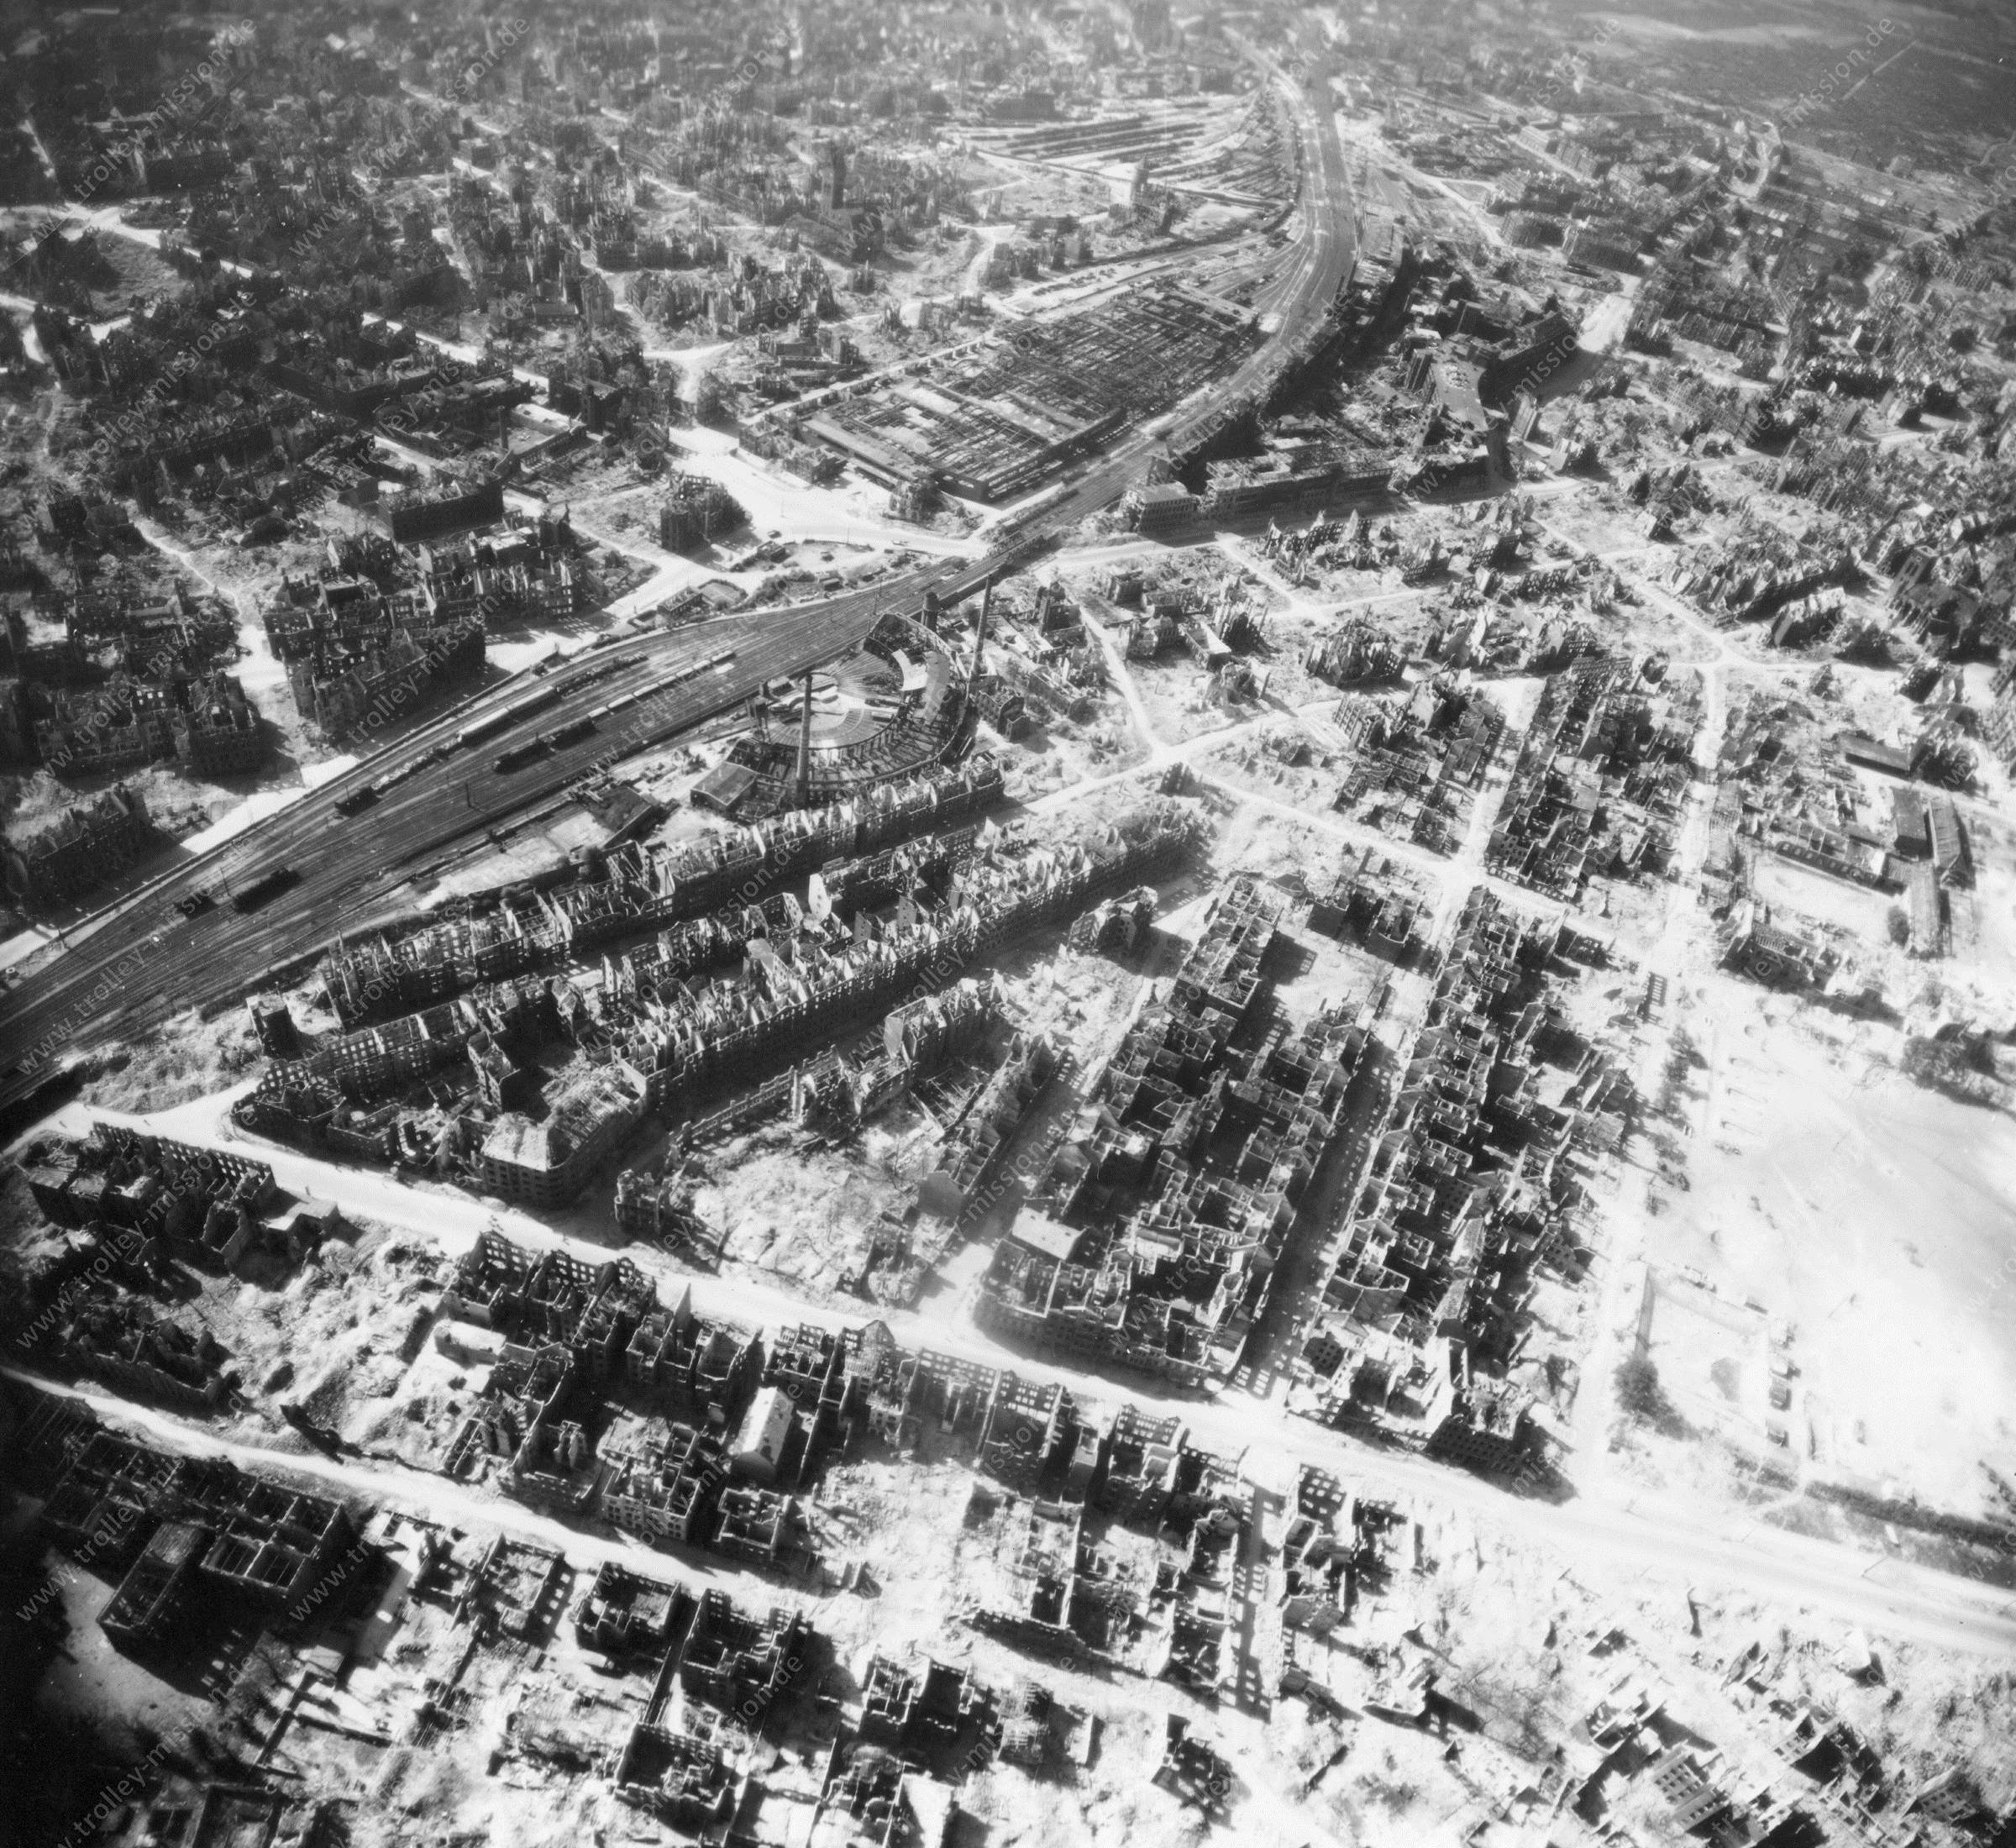 Luftbild von Hannover am 12. Mai 1945 - Luftbildserie 1/3 der US Air Force